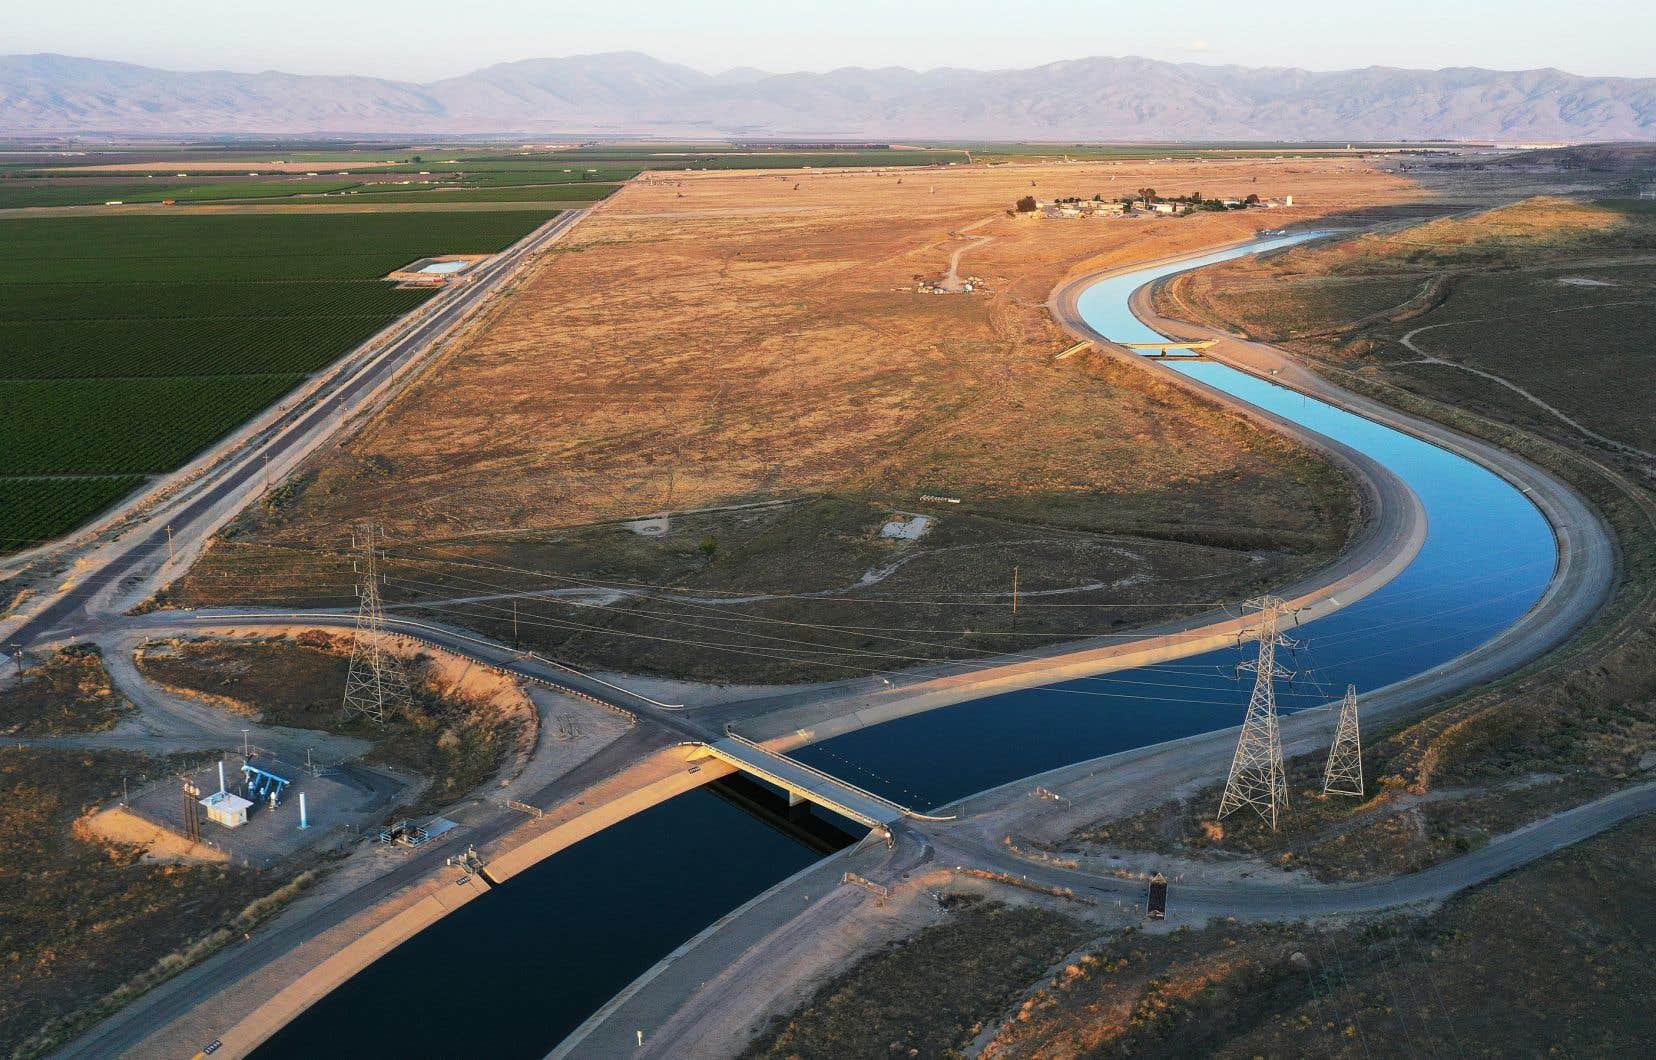 L'aqueduc de Californie prend sa source dans les montagnes de la Sierra Nevada et approvisionne en eau le sud de l'État, aux nombreuses zones désertiques. Mercredi, deux comtés californiens ont été placés en état d'alerte de sécheresse, après un hiver aux faibles précipitations.